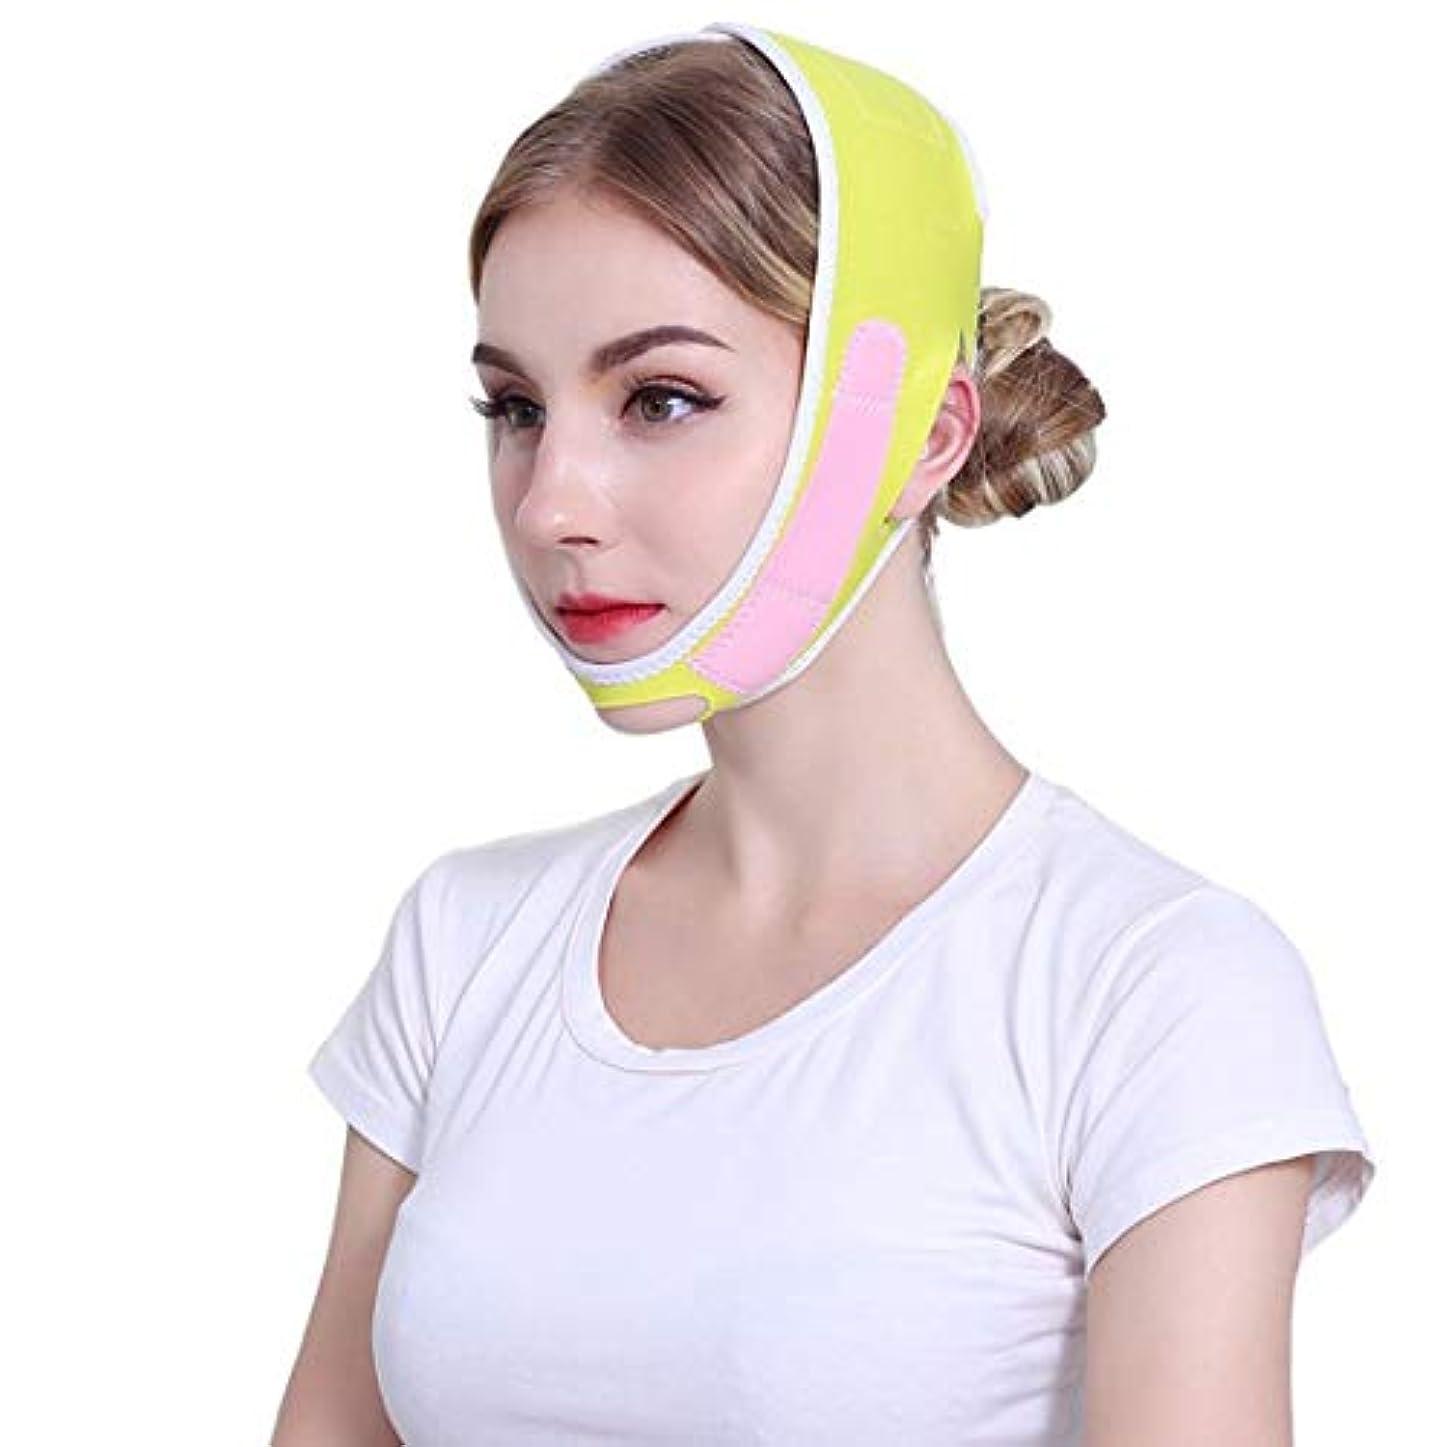 うぬぼれた依存するデイジーZWBD フェイスマスク, フェイスリフティング包帯v薄い顔の形の男性と女性vフェイスリフティング引き締めリフティングフェイス包帯黄色